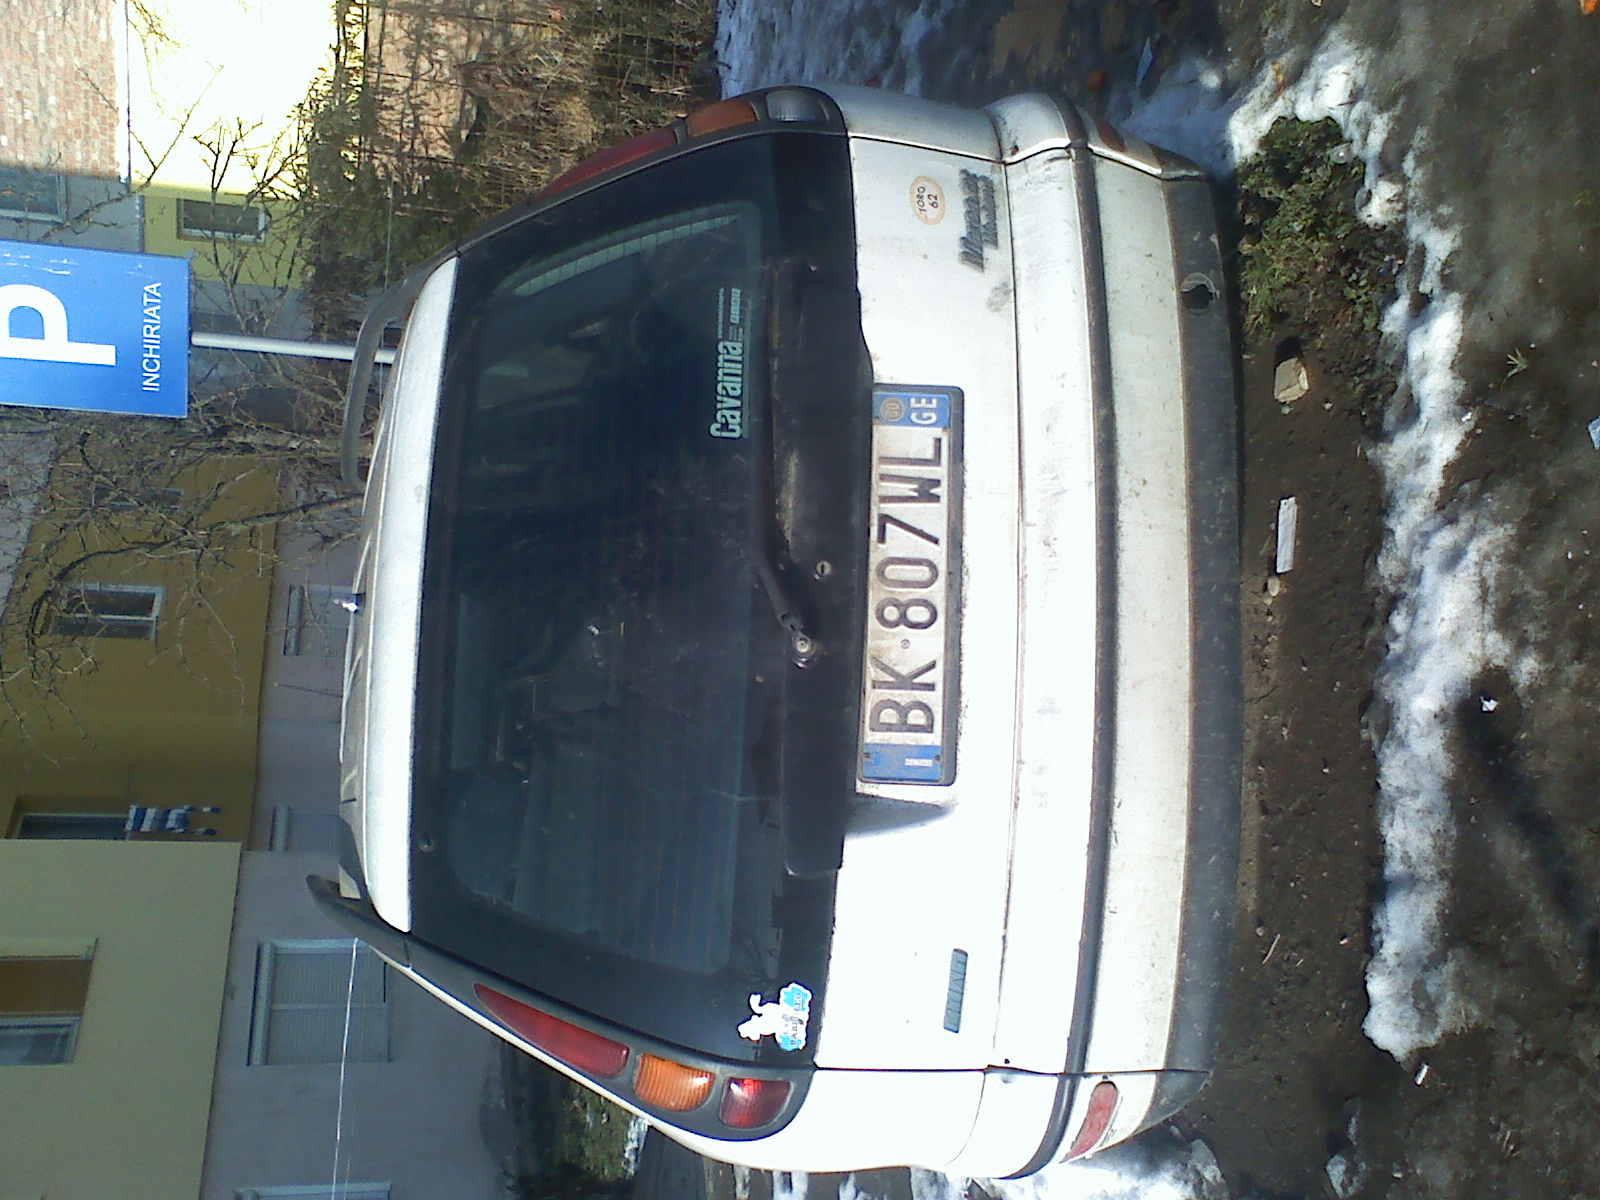 Fiat Marea avariat 2000 Benzina Combi - 09 Ianuarie 2011 - Poza 2